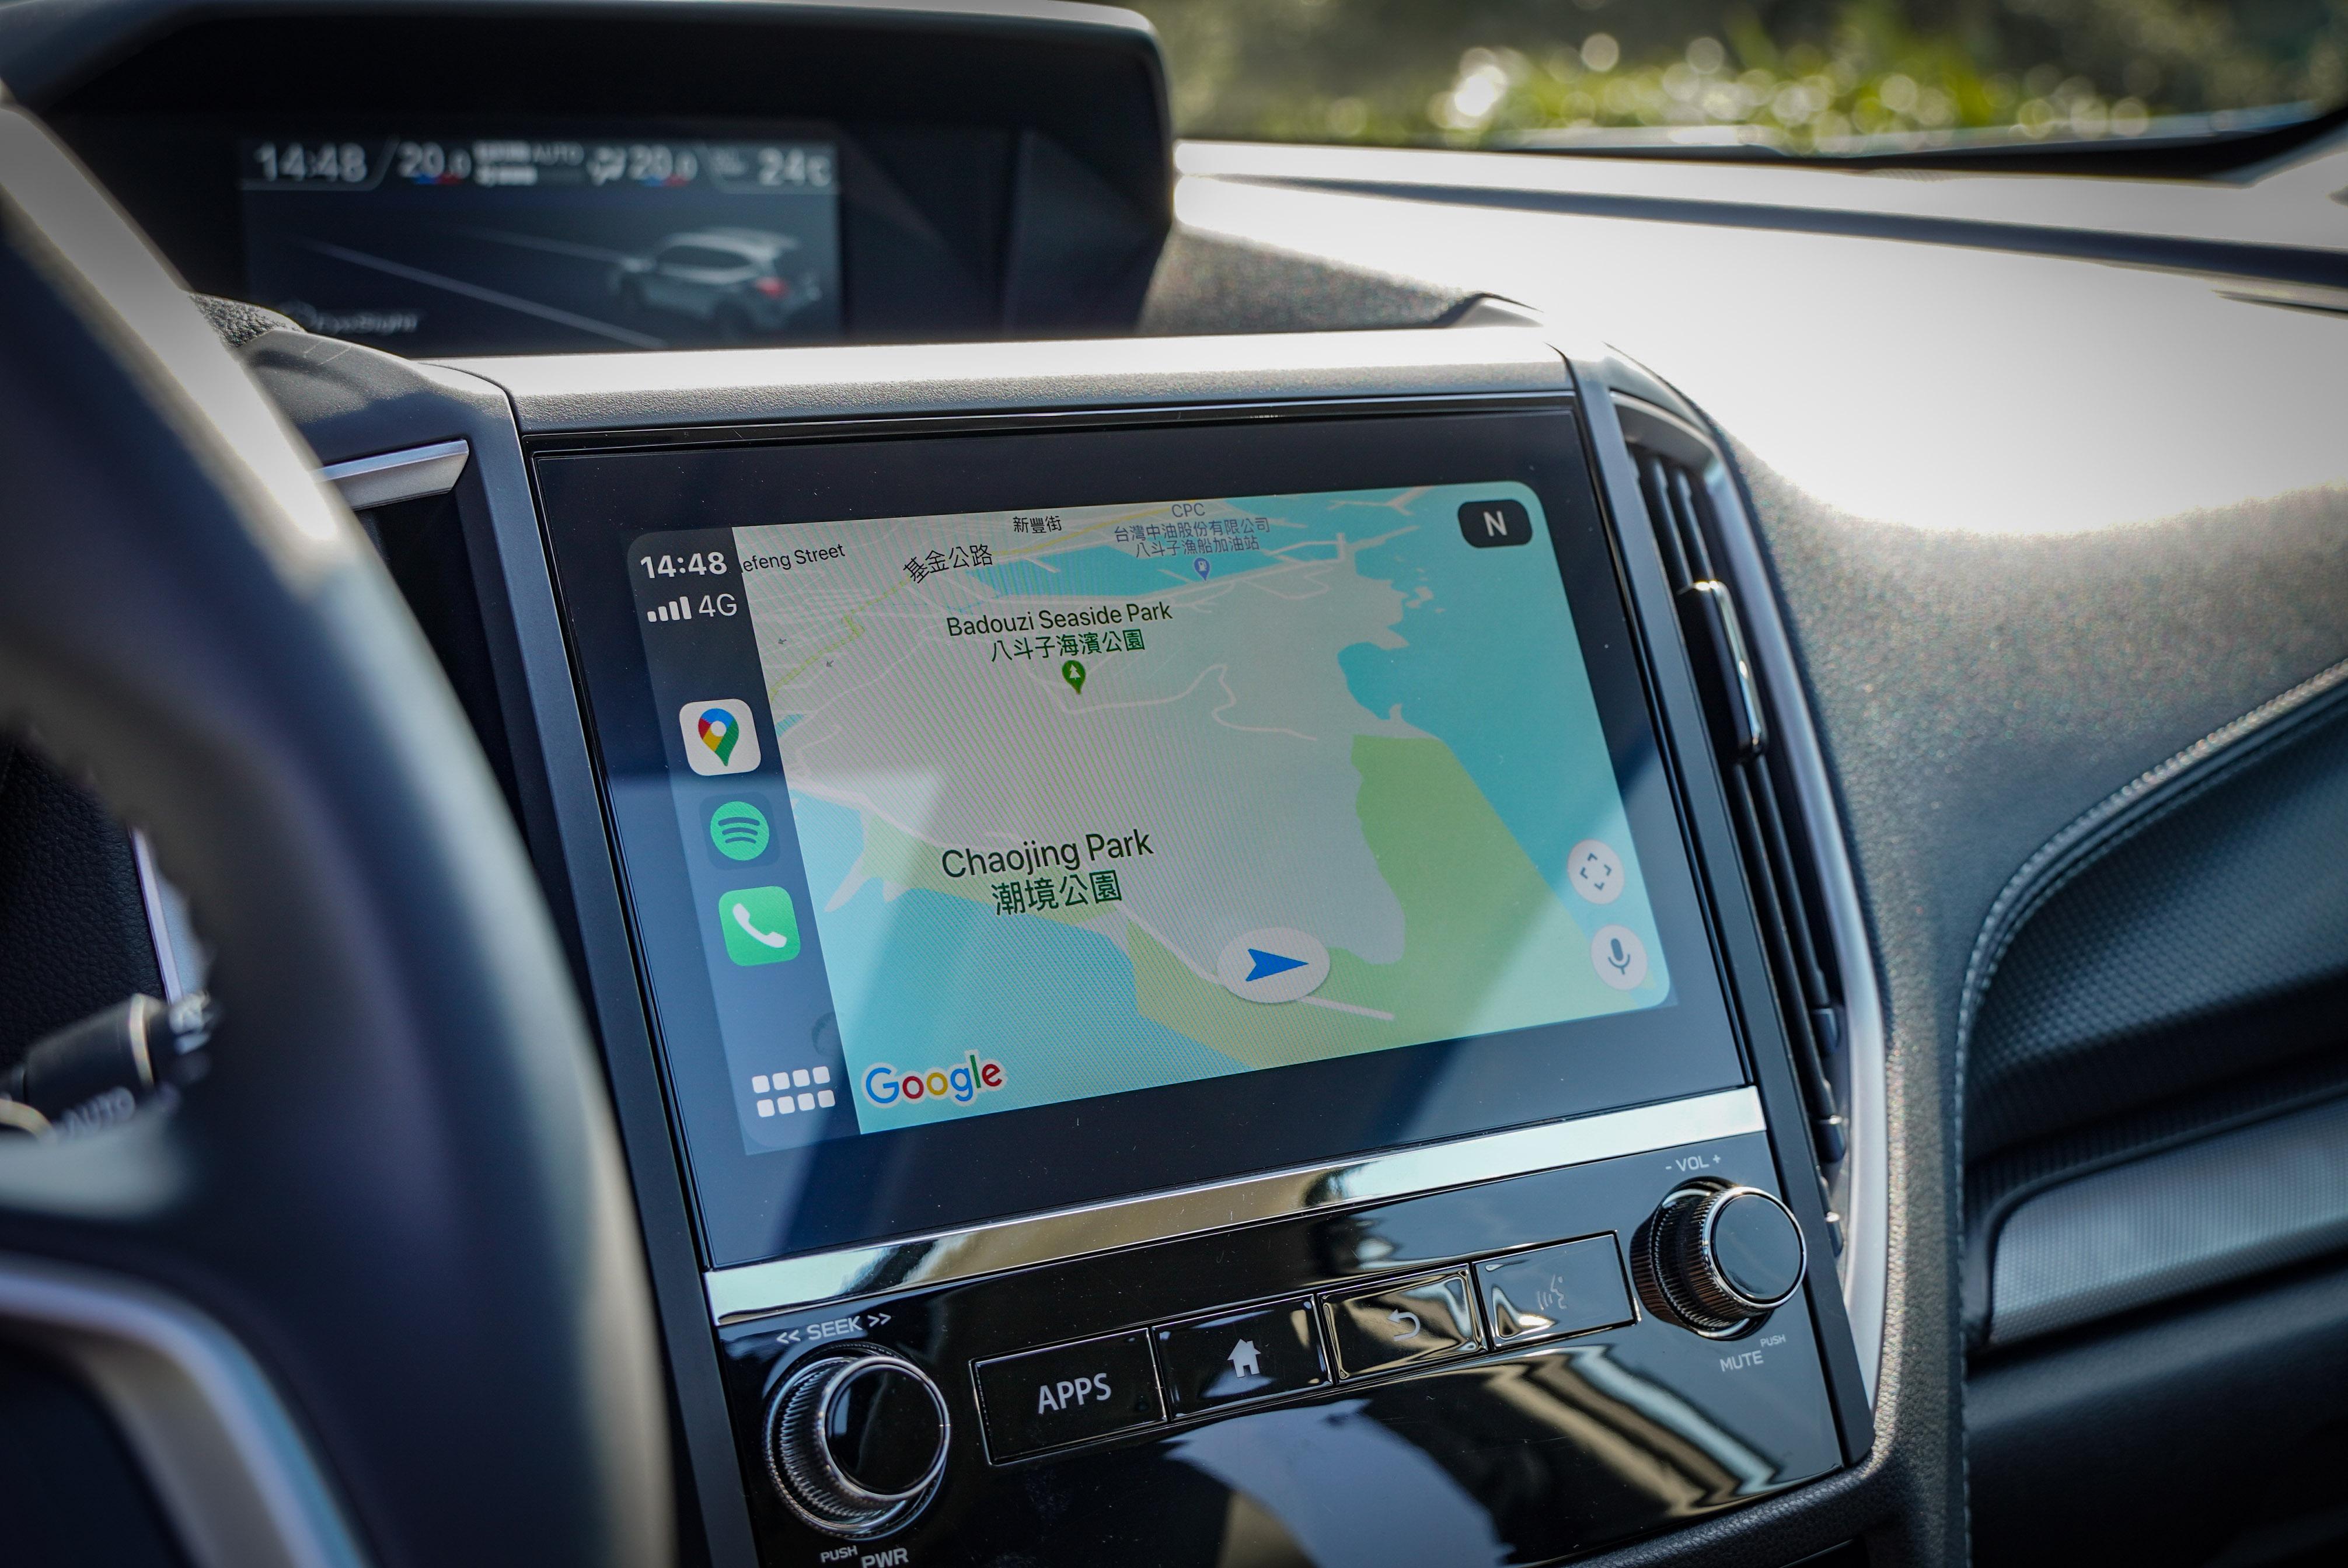 GT Edition 提供全新一代 Panasonic 主機,Apple CarPlay 與 Andriod Auto 是套件內容。